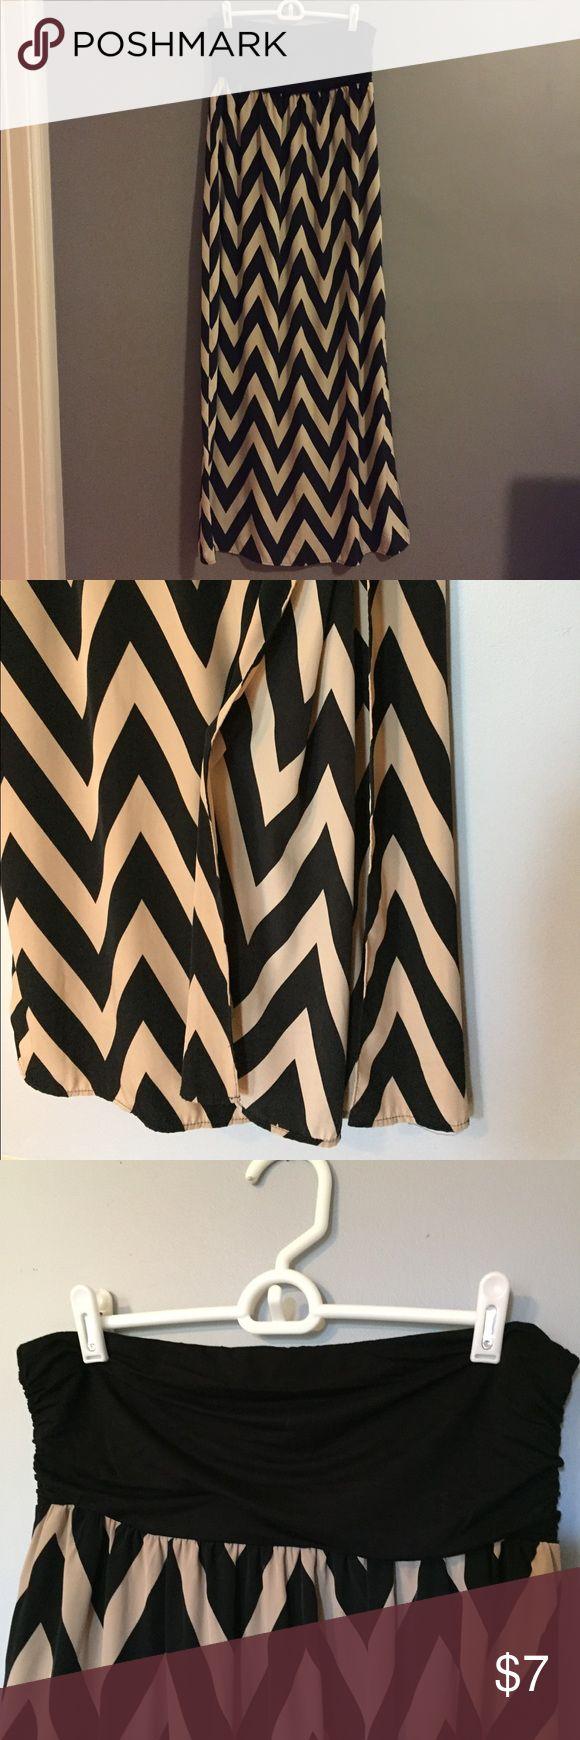 Forever 21 Strapless Maxi Dress, L Forever 21 Strapless Chevron Maxi Dress, knee high slit on L side, Size L Forever 21 Dresses Maxi